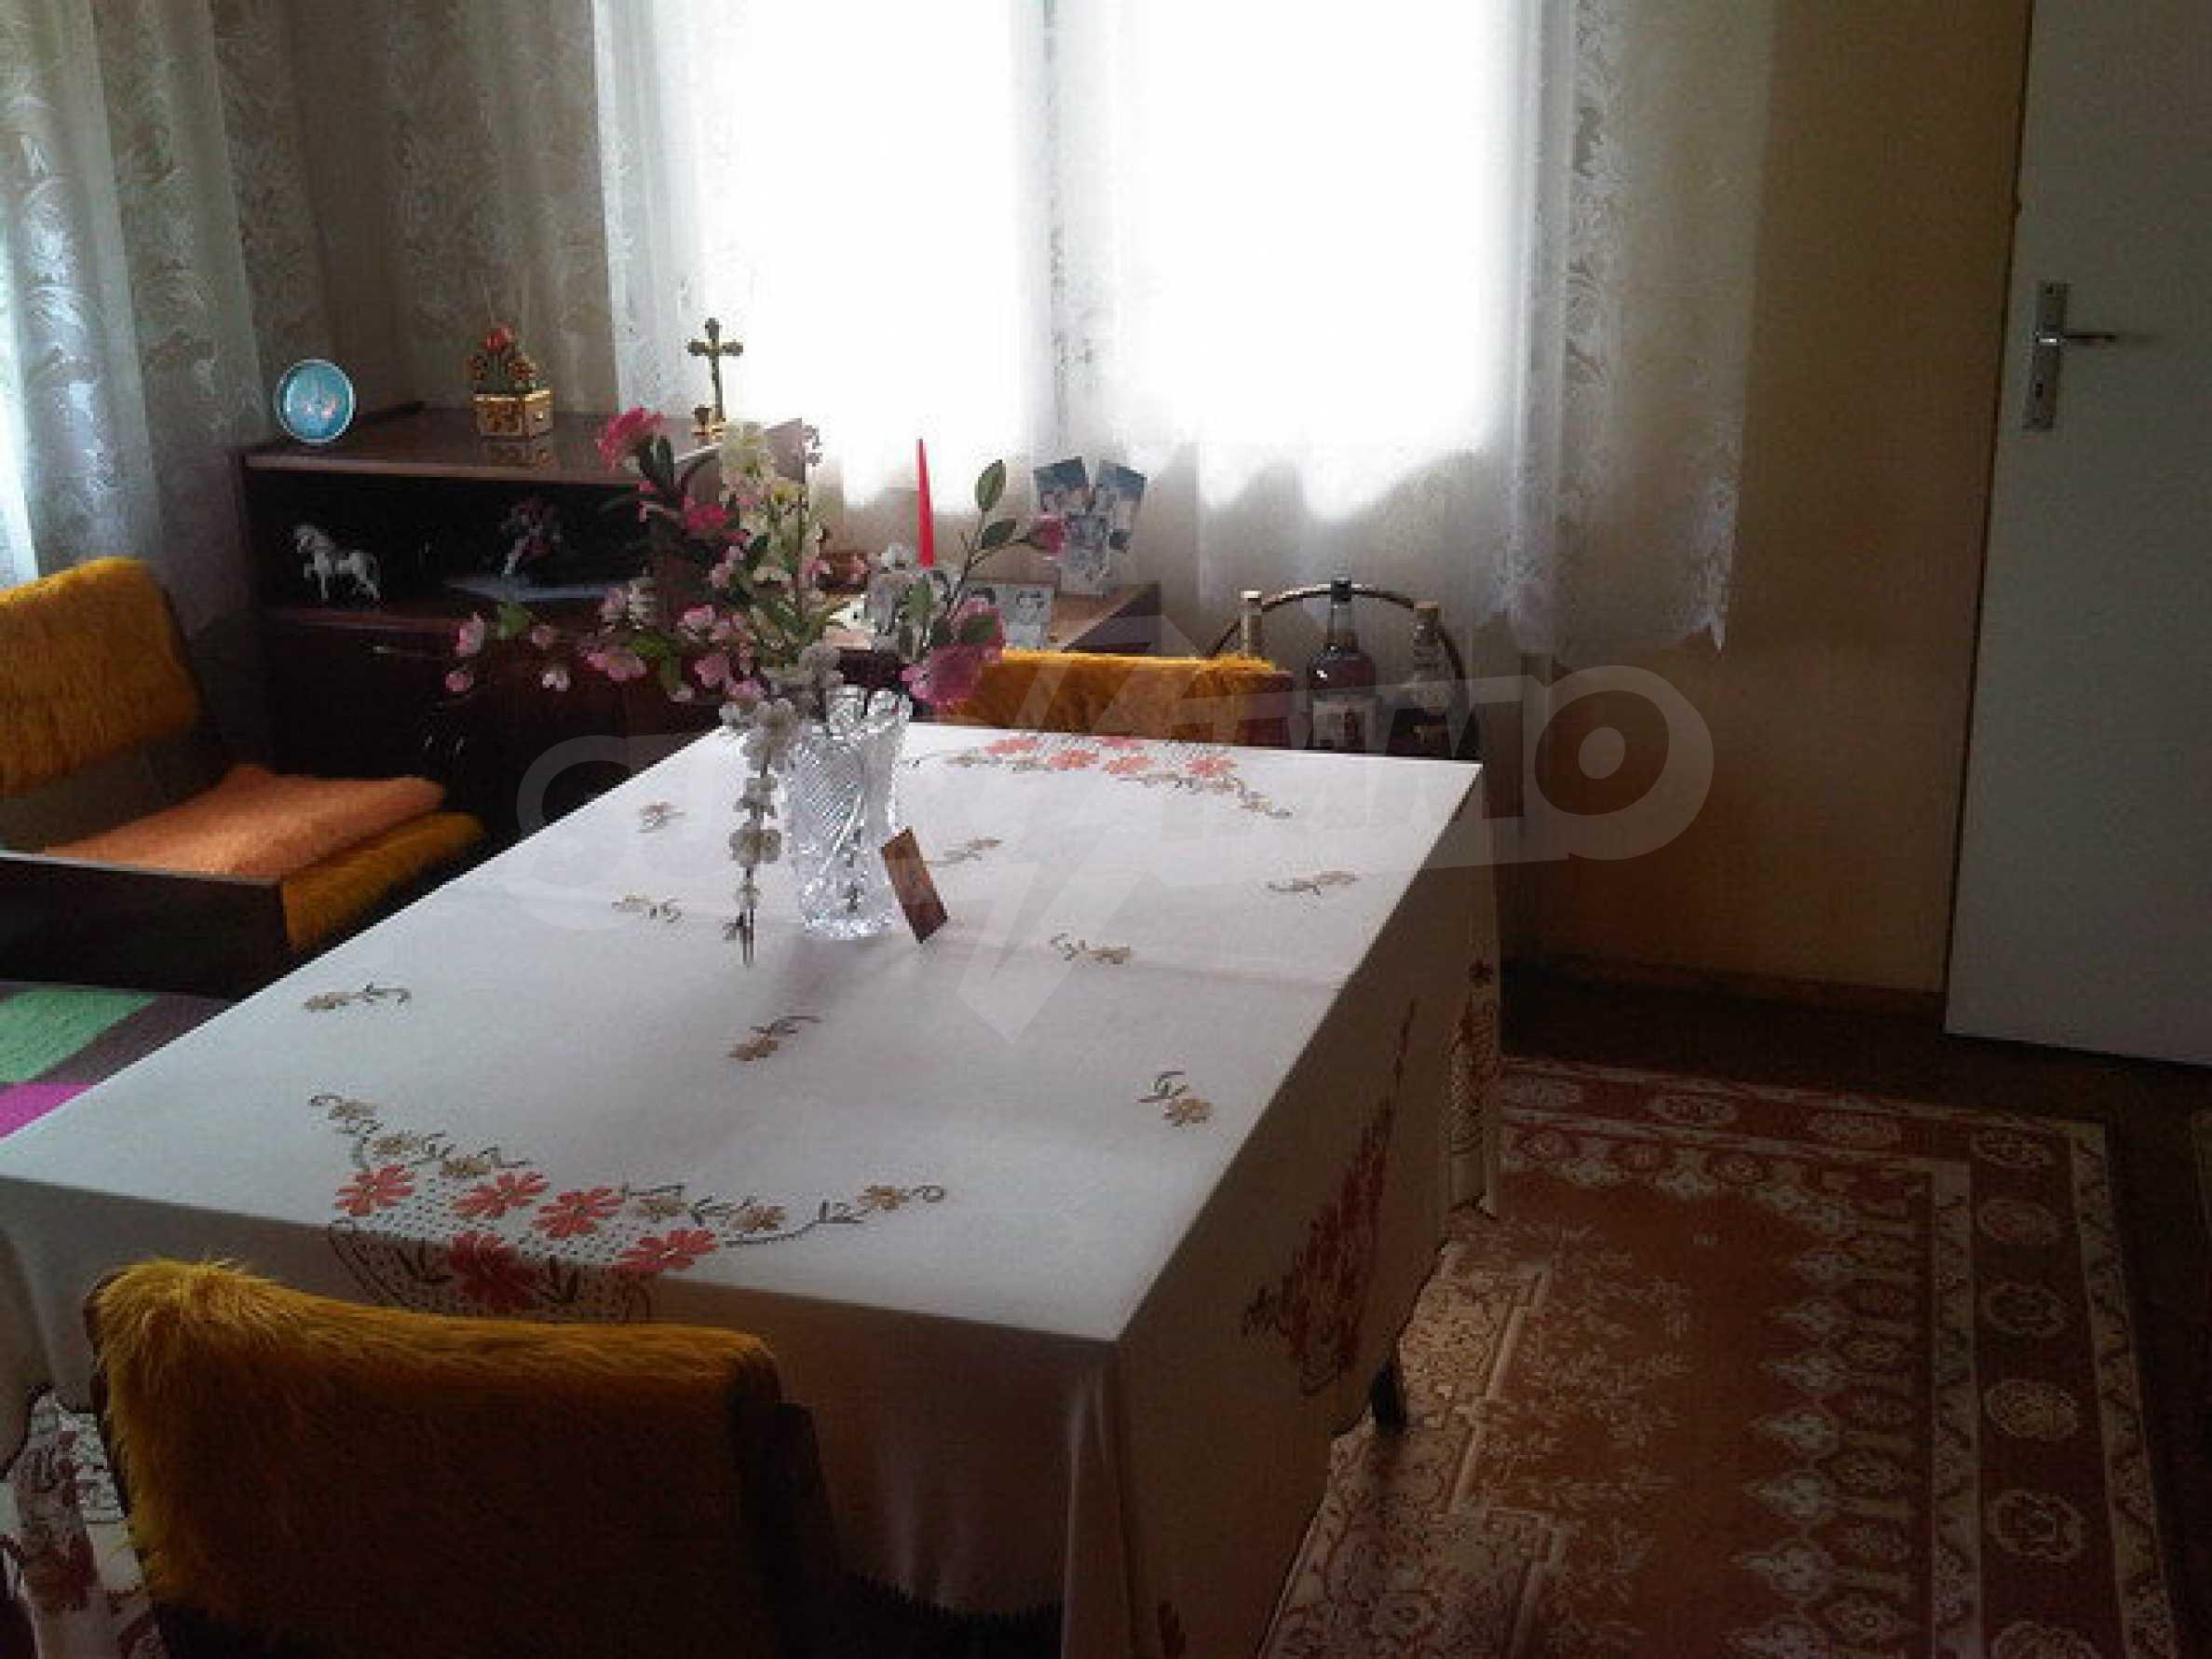 Четиристаен апартамент на втори етаж в сграда в неспосредственна близост центъра на град Севлиево 7